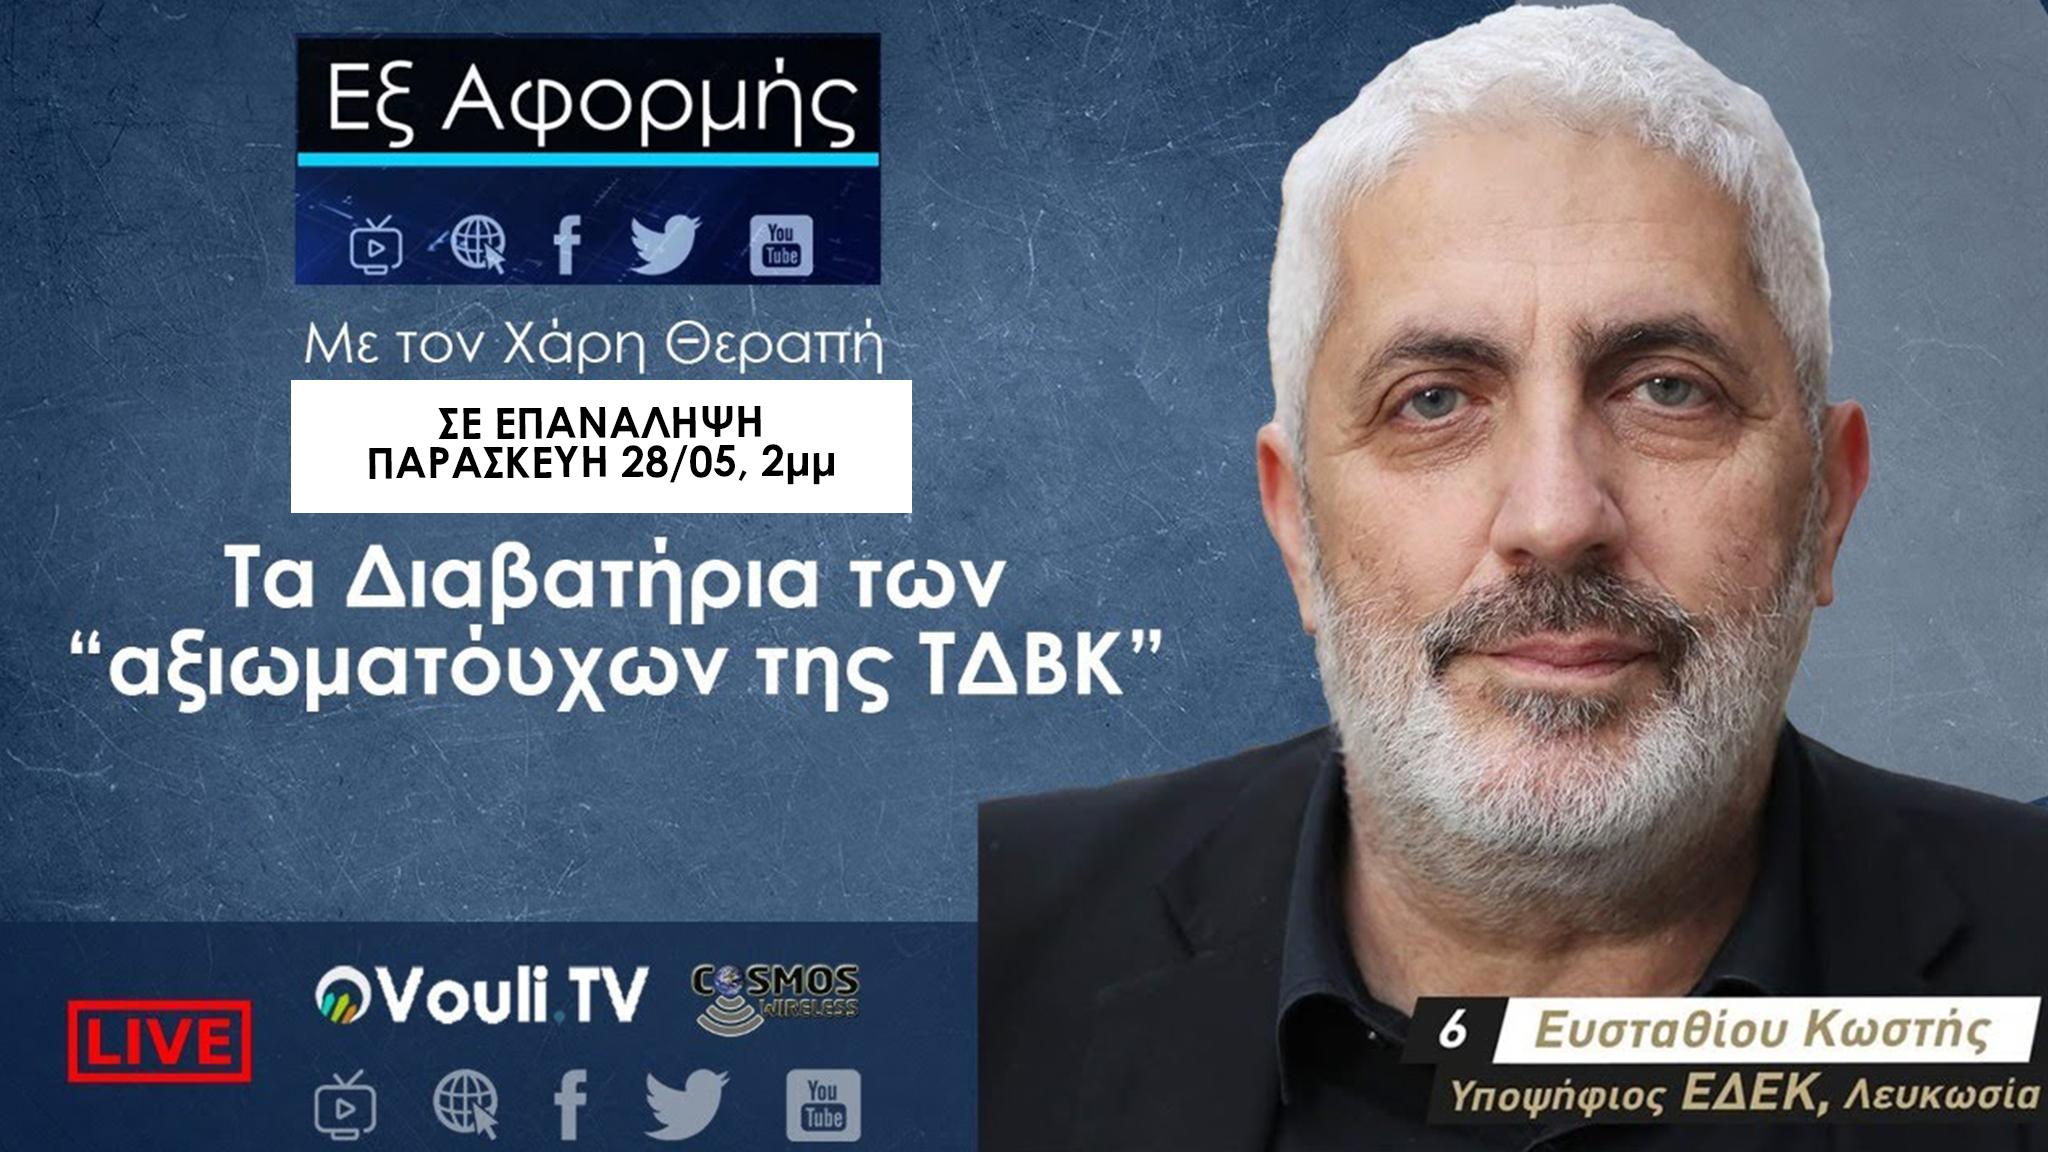 """Σε επανάληψη   Εξ Αφορμής   Τα Κυπριακά Διαβατήρια των """"αξιωματούχων"""" της """"ΤΔΒΚ"""" Παρασκευή 28/05 2μμ"""